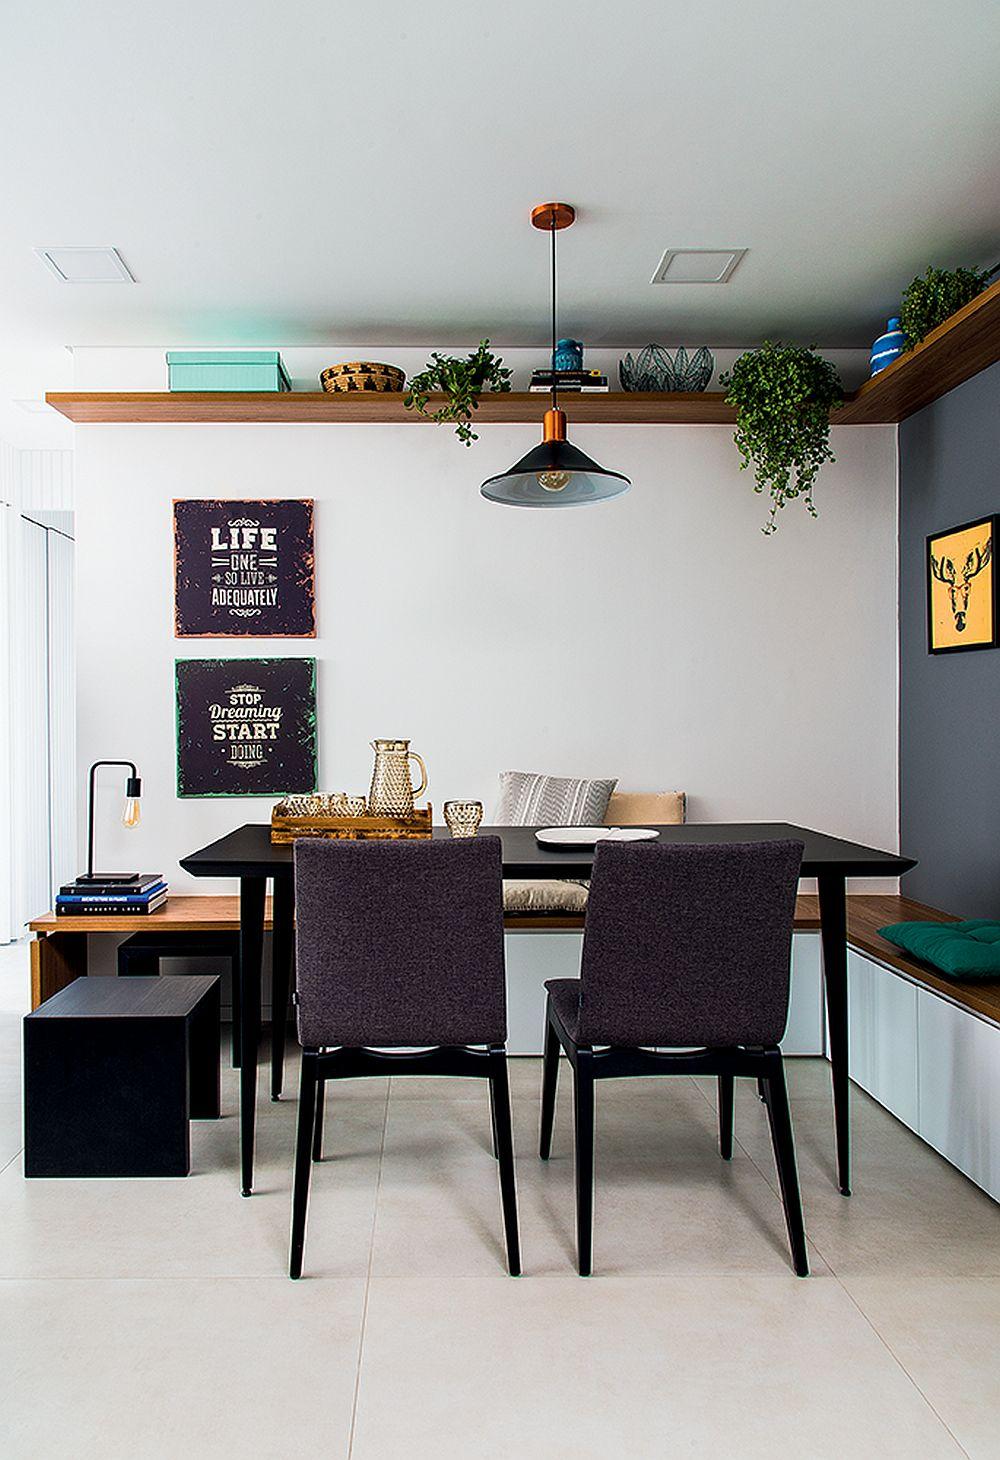 Imediat la intrarea în casă, a fost amenajat un colț pentru masă. Această zonă comunică deschis către o parte a bucătăriei și mai departe cu zona pentru tv. Banchetele pot fi folosite ca spațiu de depozitare, iar locurile fixe dispuse pe lângă perete salvează din spațiu.